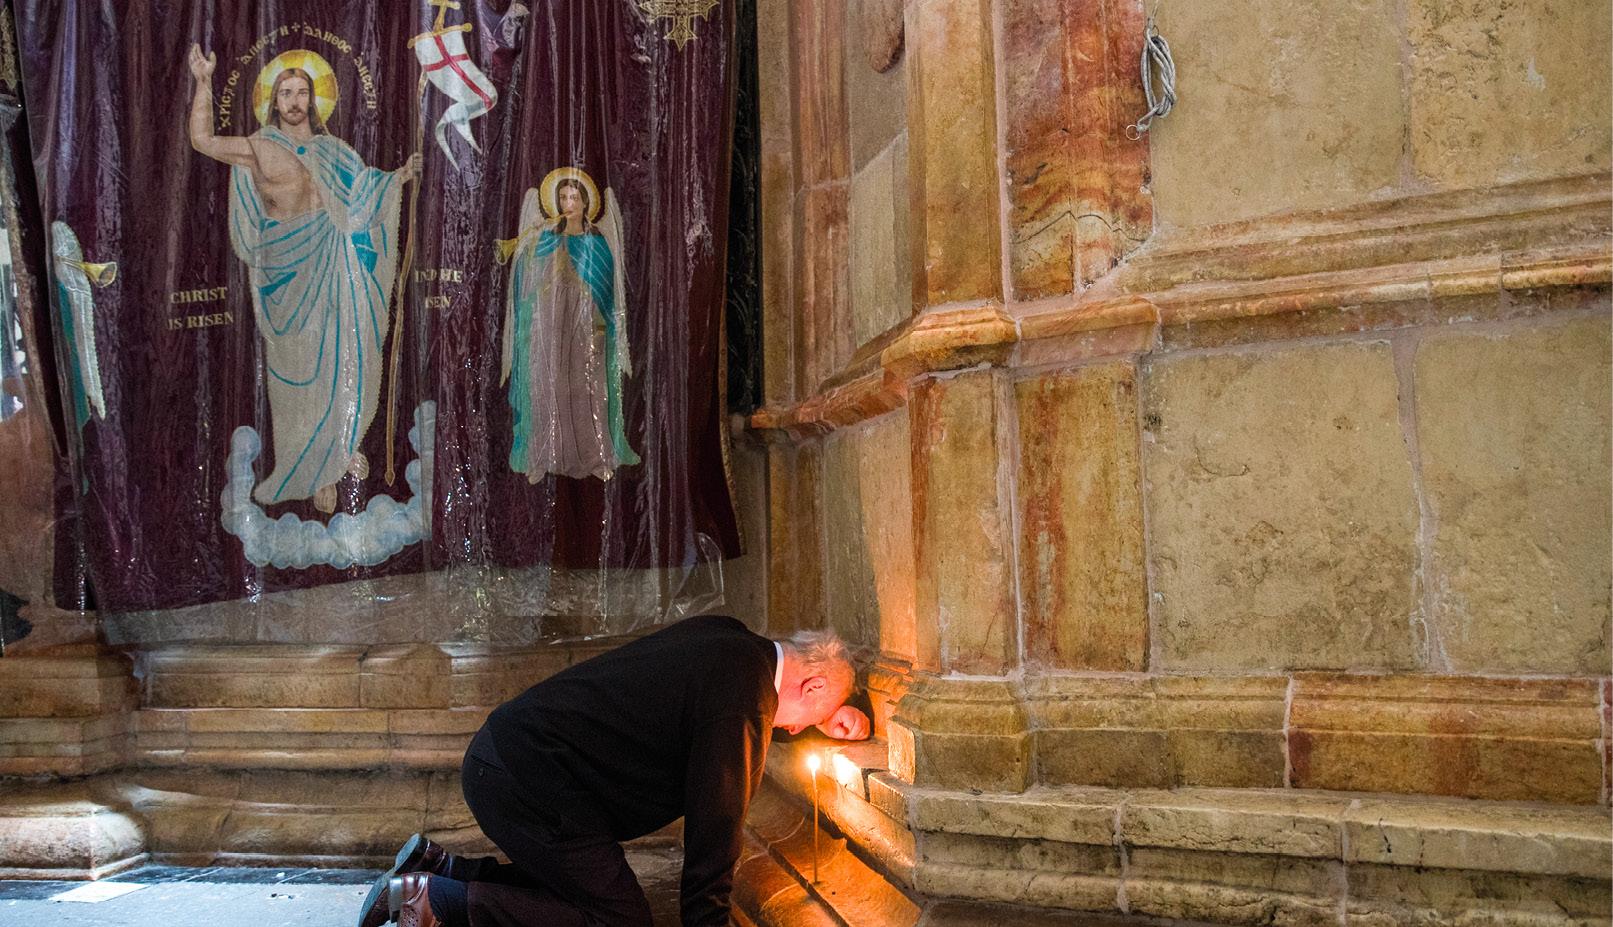 Um homem reza no lugar onde se acredita que Jesus terá sido sepultado. Igreja do Santo Sepulcro, Cidade Velha de Jerusalém. EPA / ATEF SAFADI